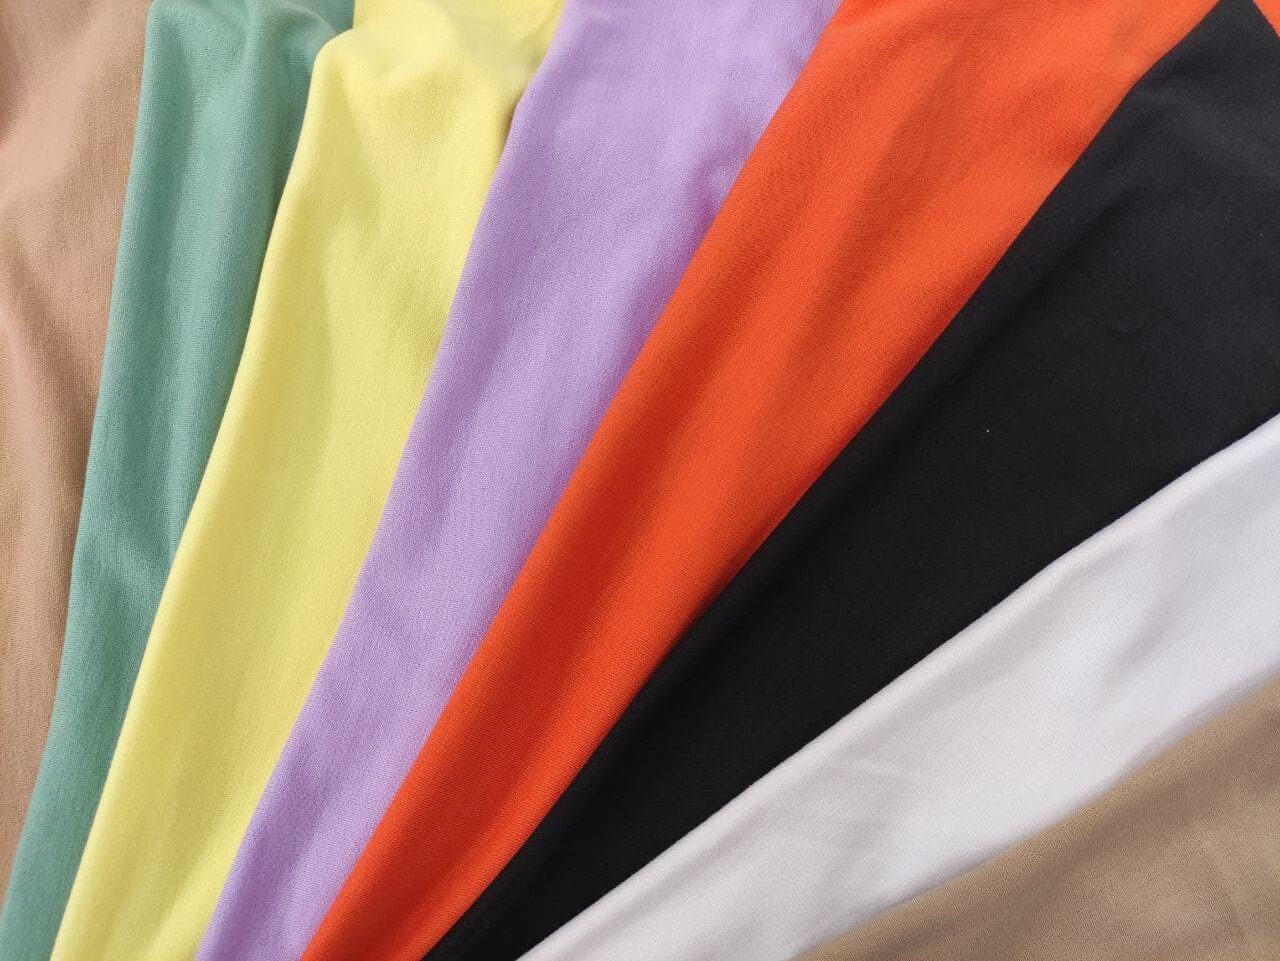 Купить ткани недорого и качественно купить интерьерную ткань в интернет магазине